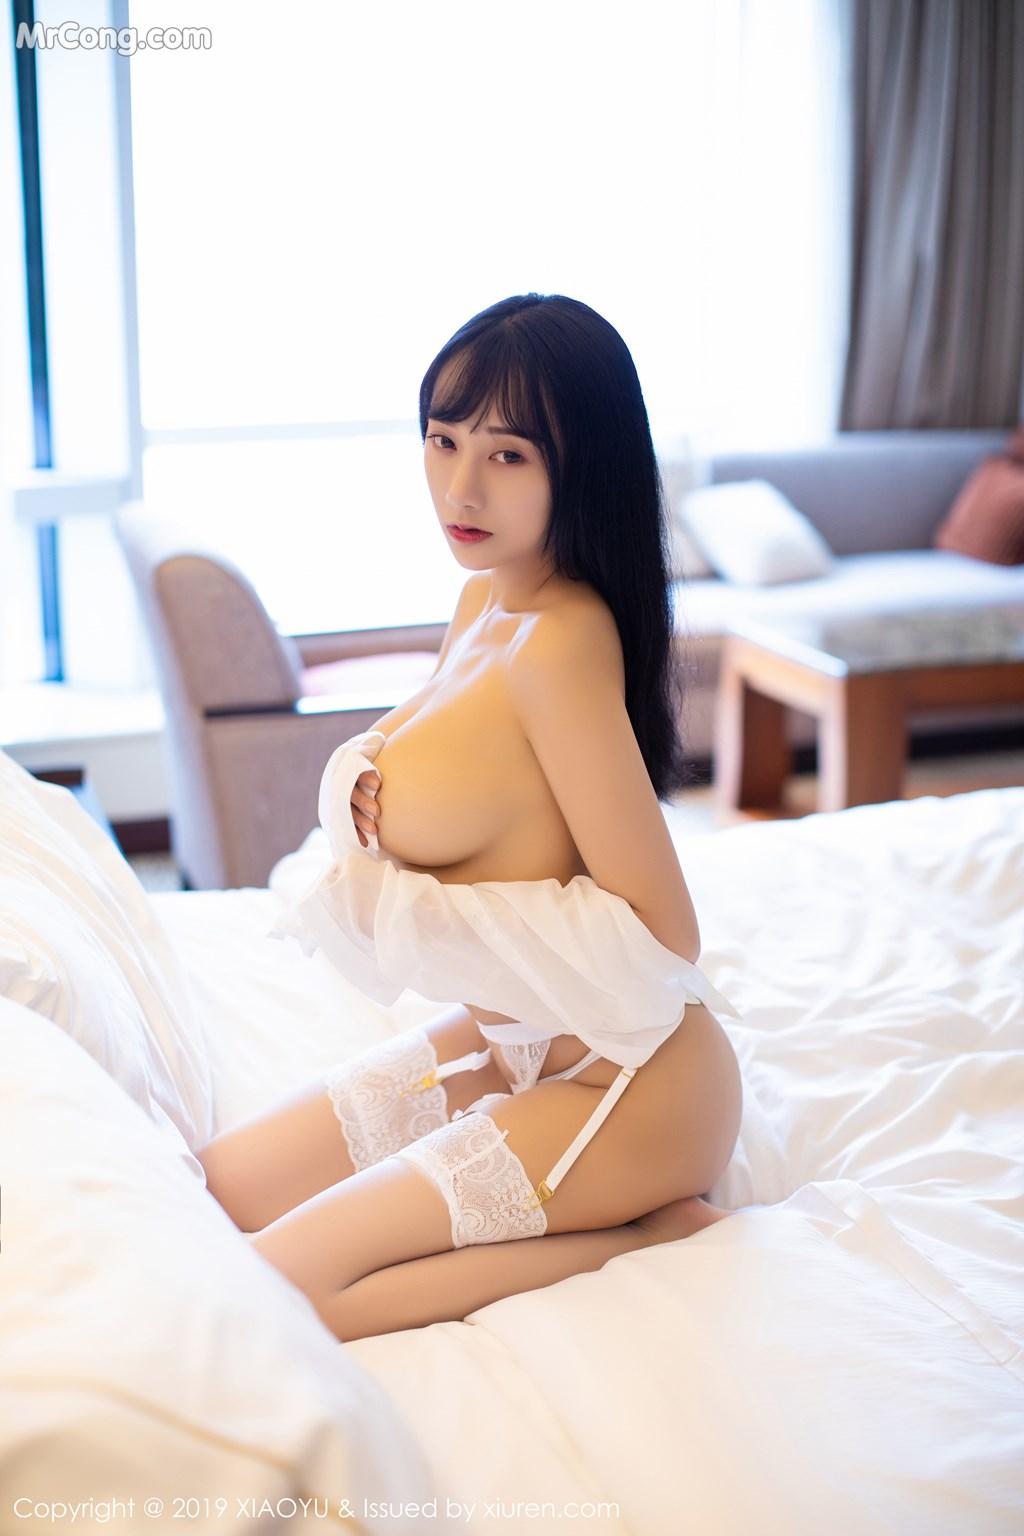 Image XiaoYu-Vol.076-He-Jia-Ying-MrCong.com-064 in post XiaoYu Vol.076: He Jia Ying (何嘉颖) (72 ảnh)